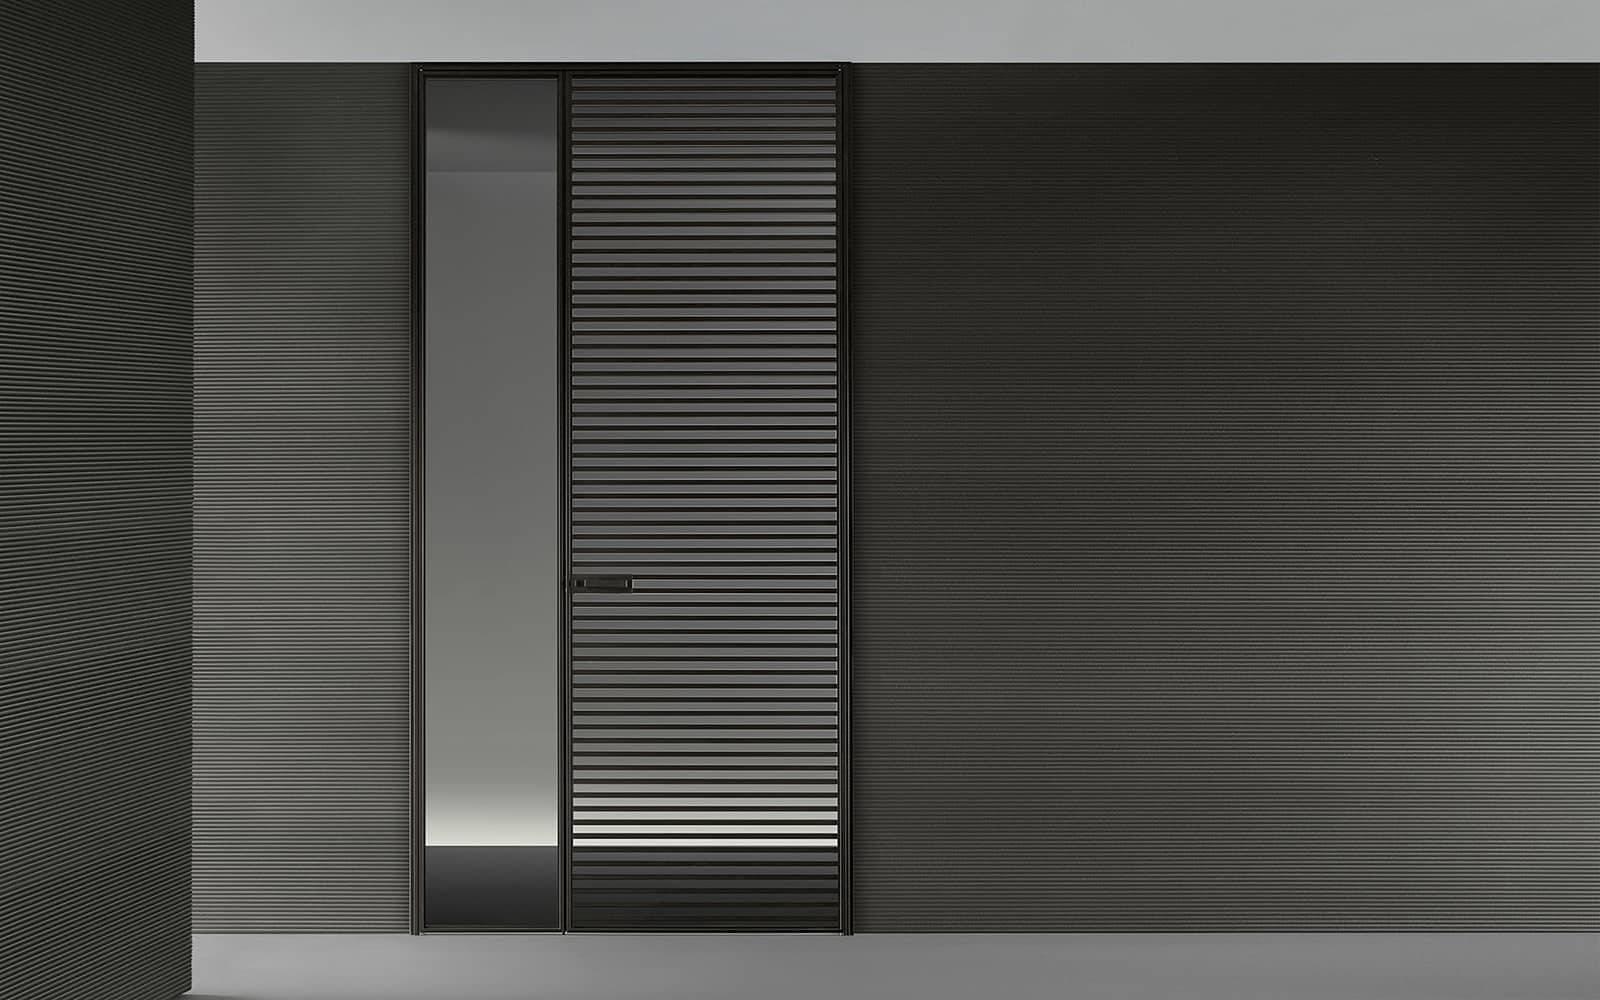 rimadesio deur met horizontale latten in aluminium en glas